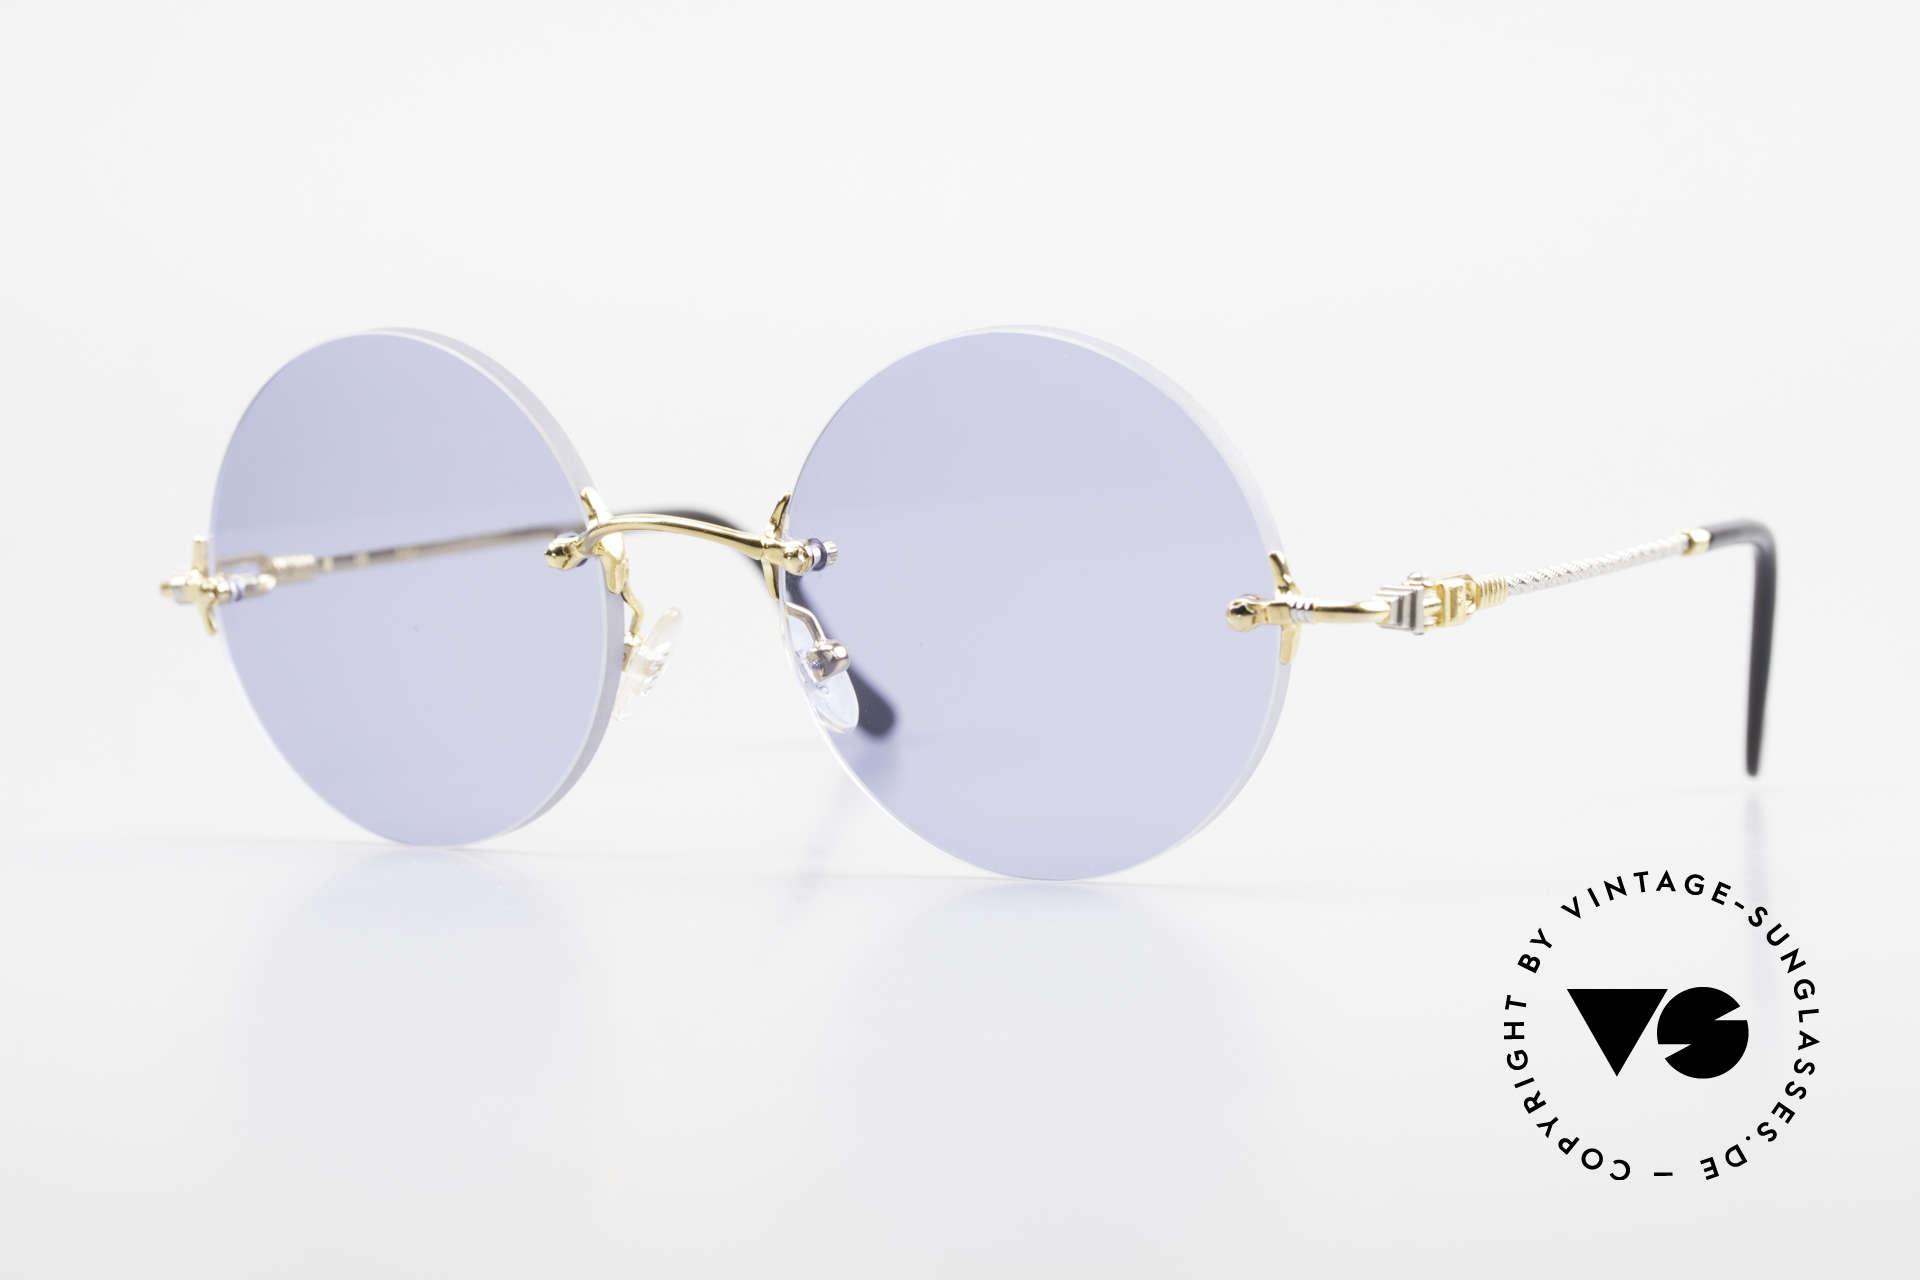 Fred Fidji Luxus Brille Rund Randlos 90er, runde, randlose Fred Luxussonnenbrille aus den 90ern, Passend für Herren